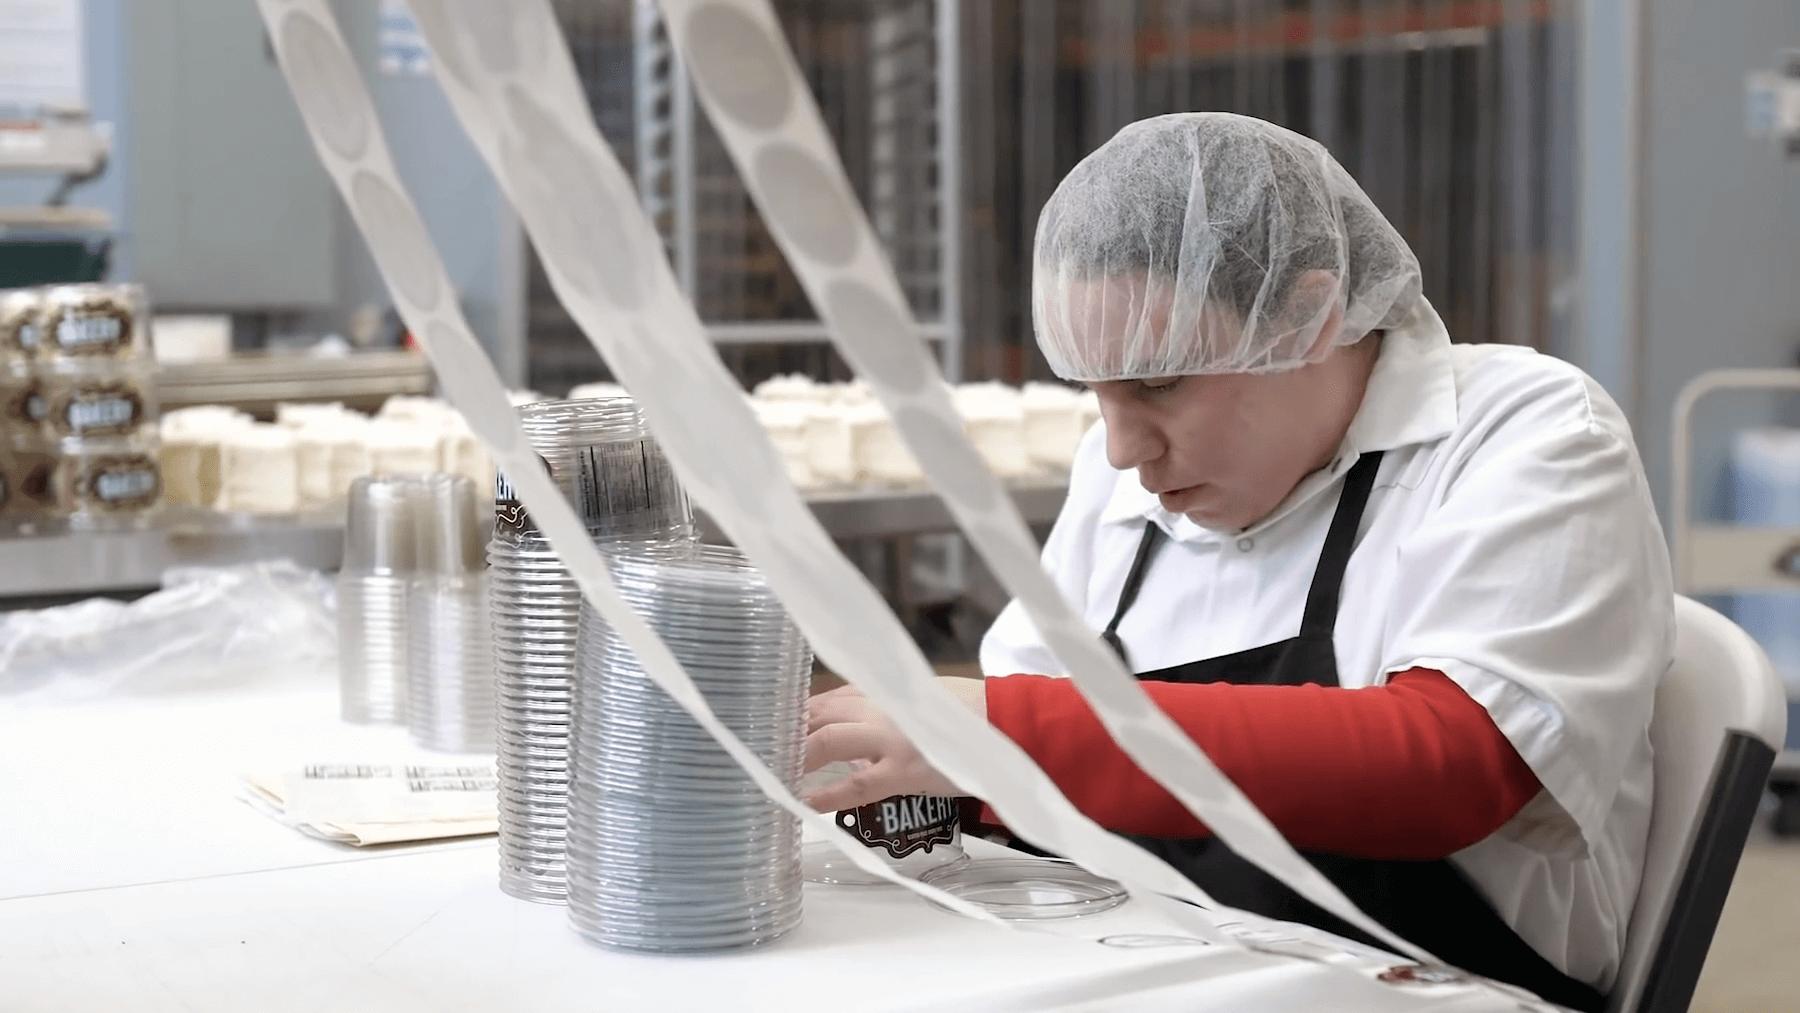 bakery-worker